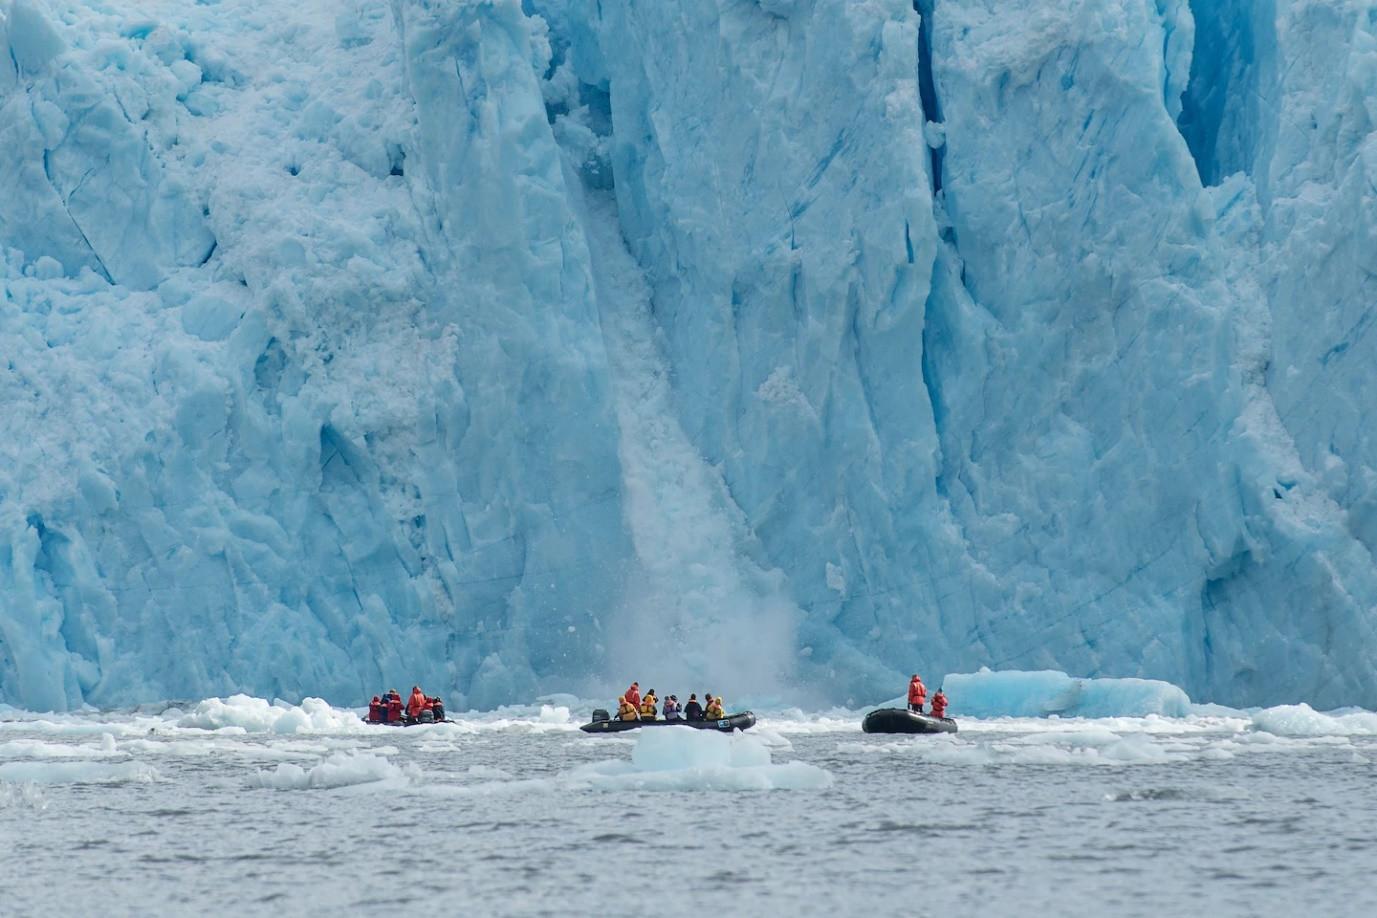 Khám phá Chile với những hành trình như 'không có thật' - 10